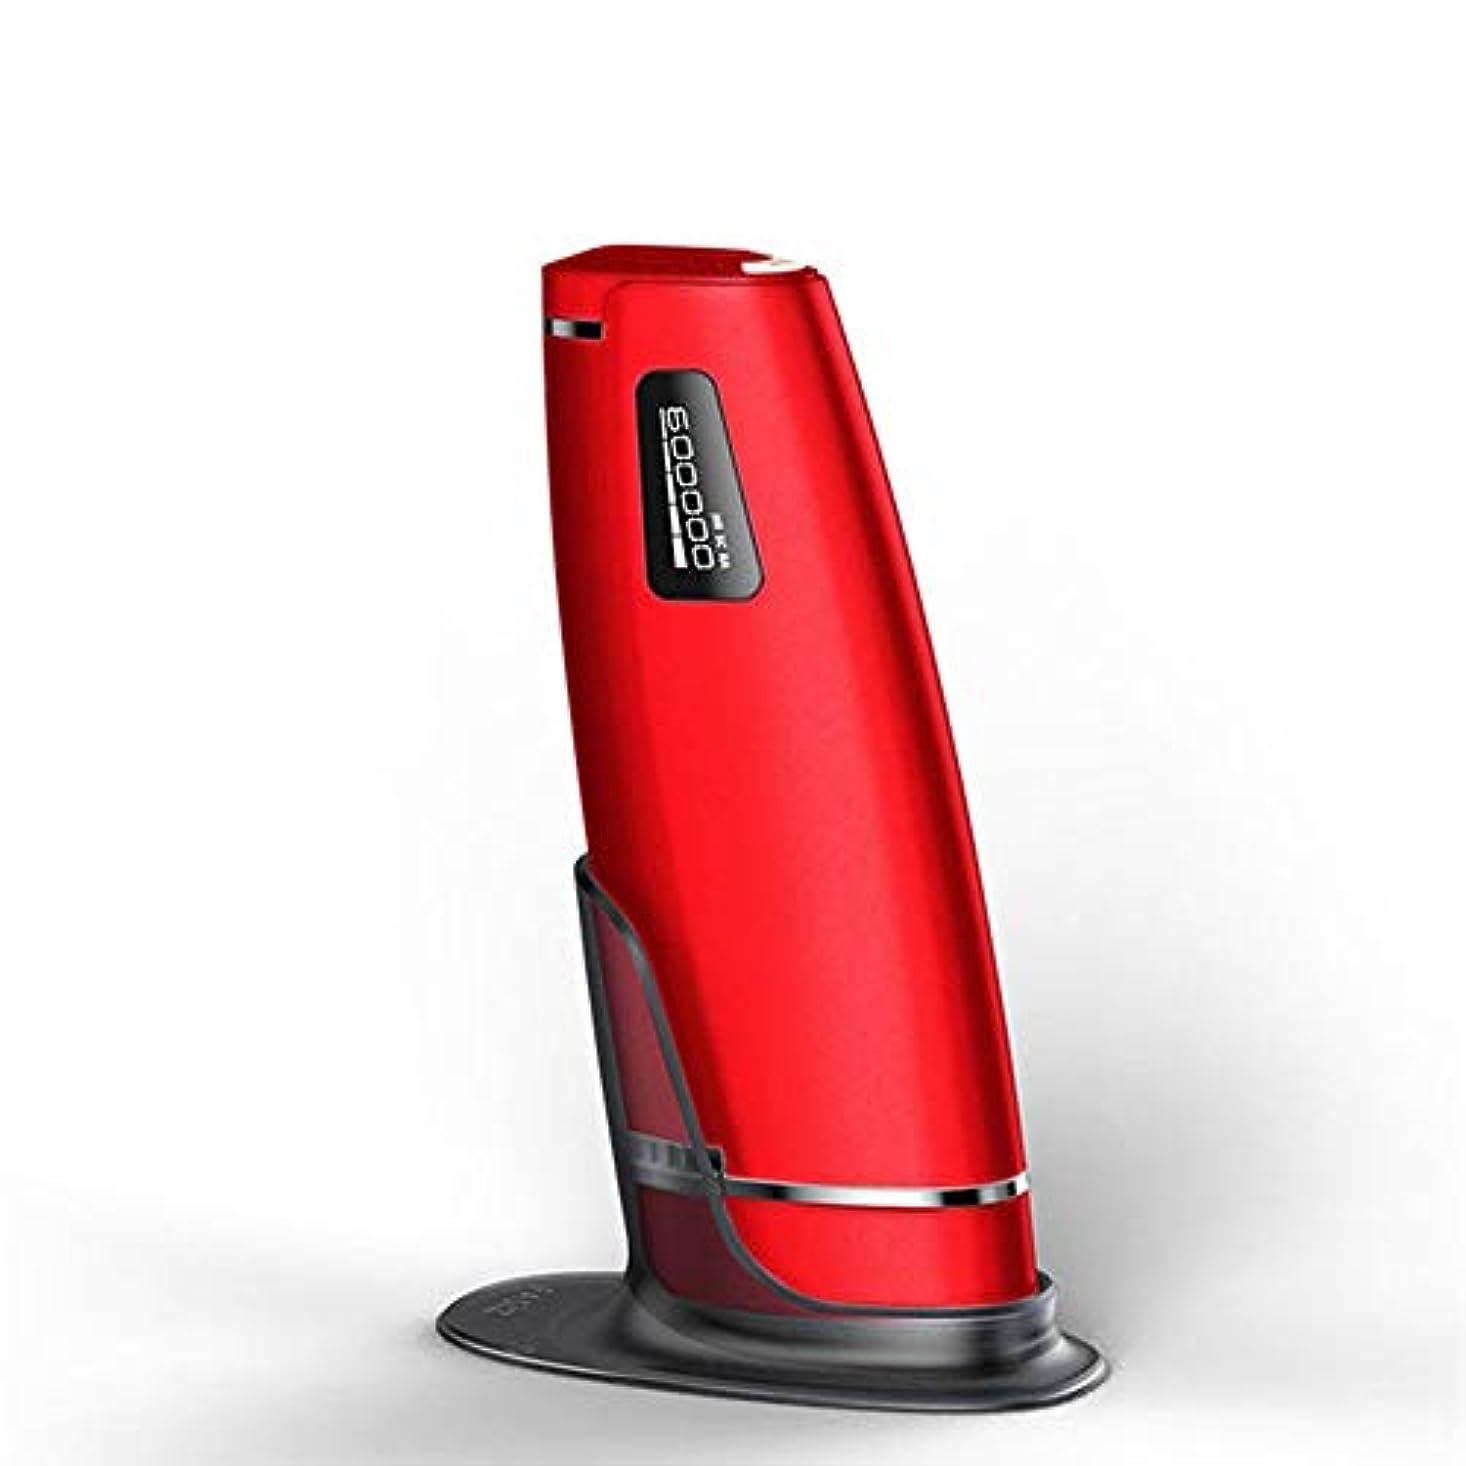 ナチュラふつう失赤、デュアルモード、ホームオートマチック無痛脱毛剤、携帯用永久脱毛剤、5スピード調整、サイズ20.5 X 4.5 X 7 Cm 快適な脱毛 (Color : Red)